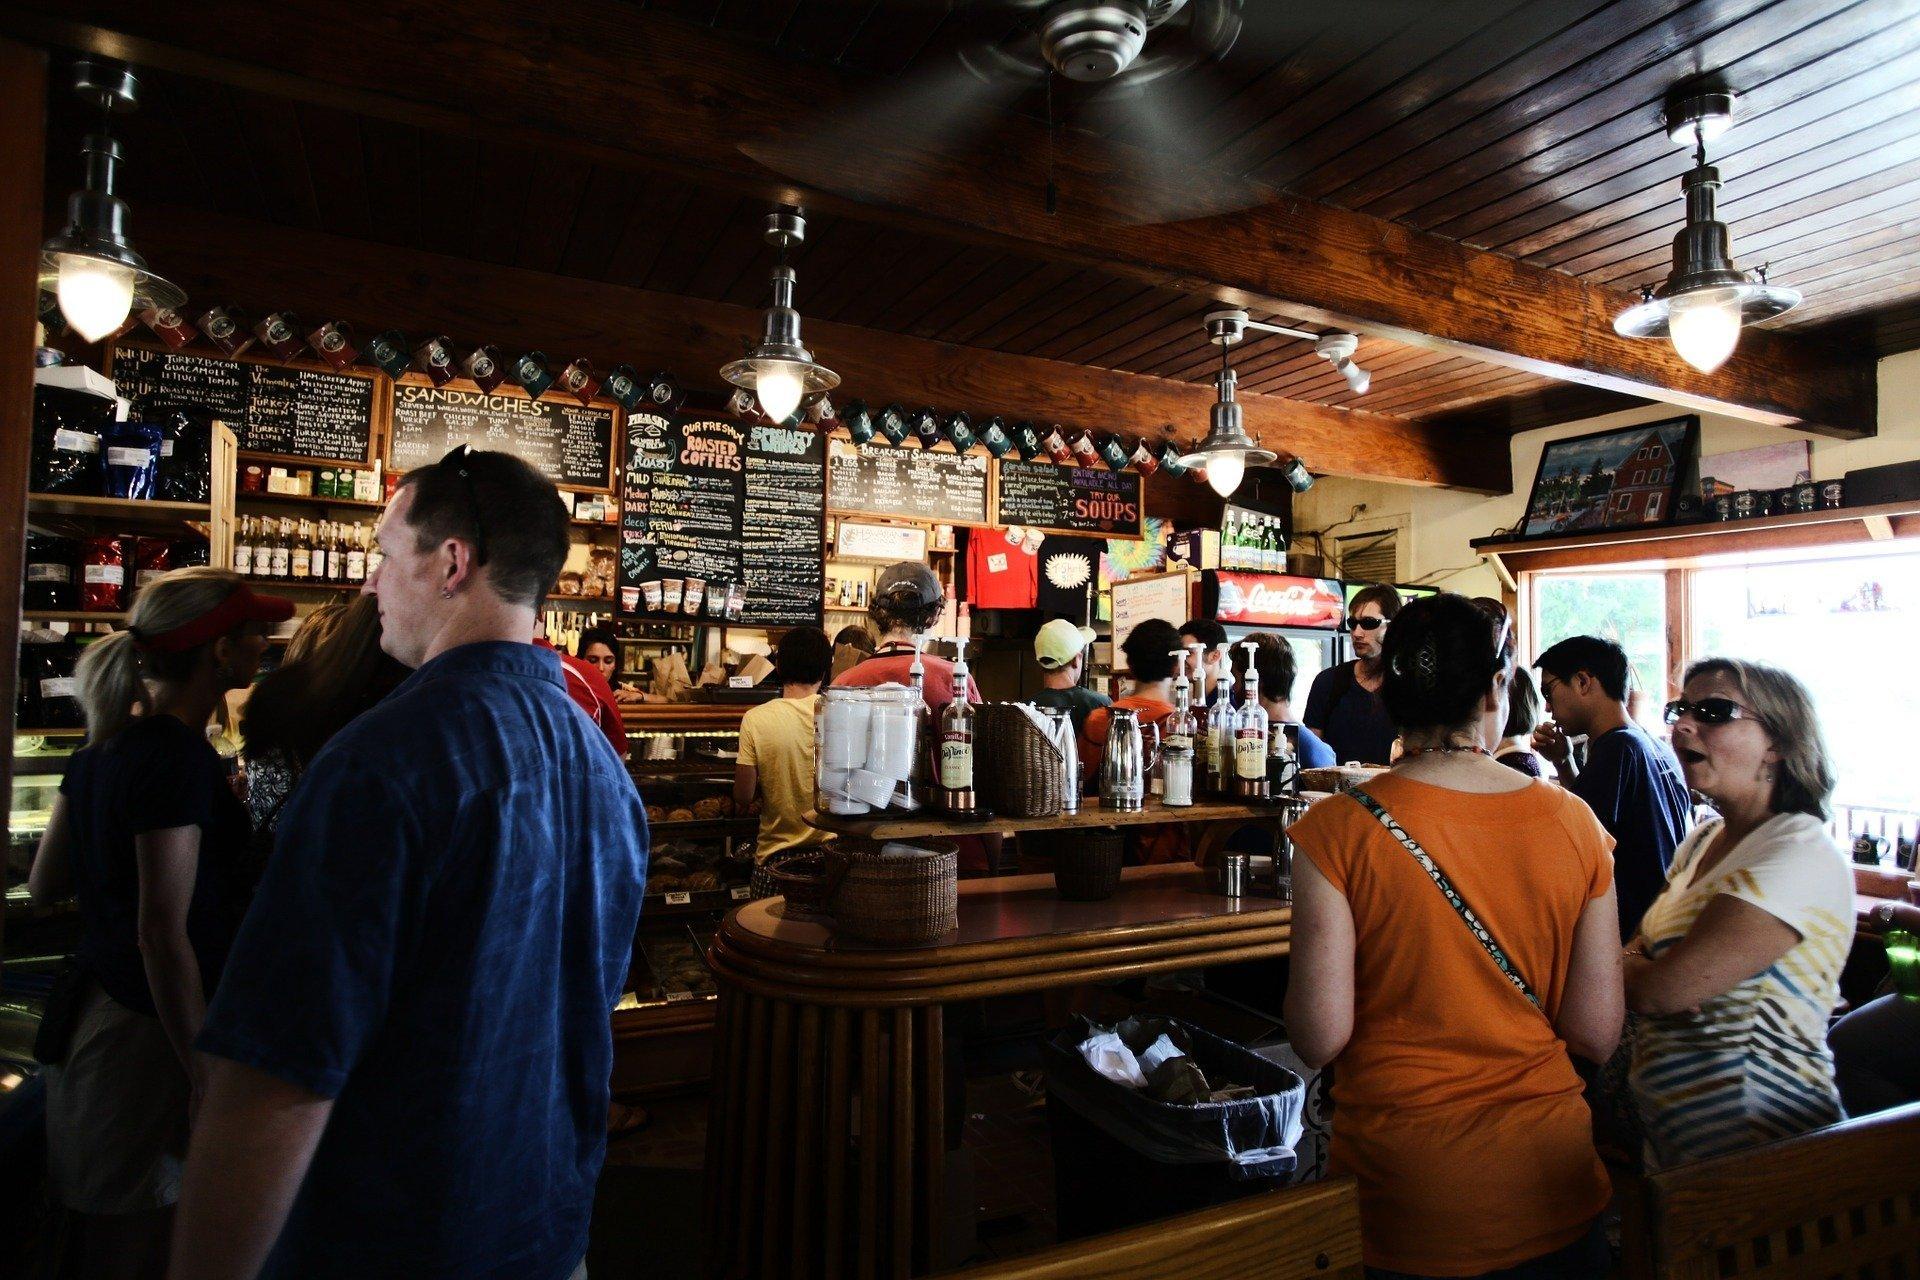 Исследование в Австрии: половину посетителей раздражает присутствие детей в ресторане